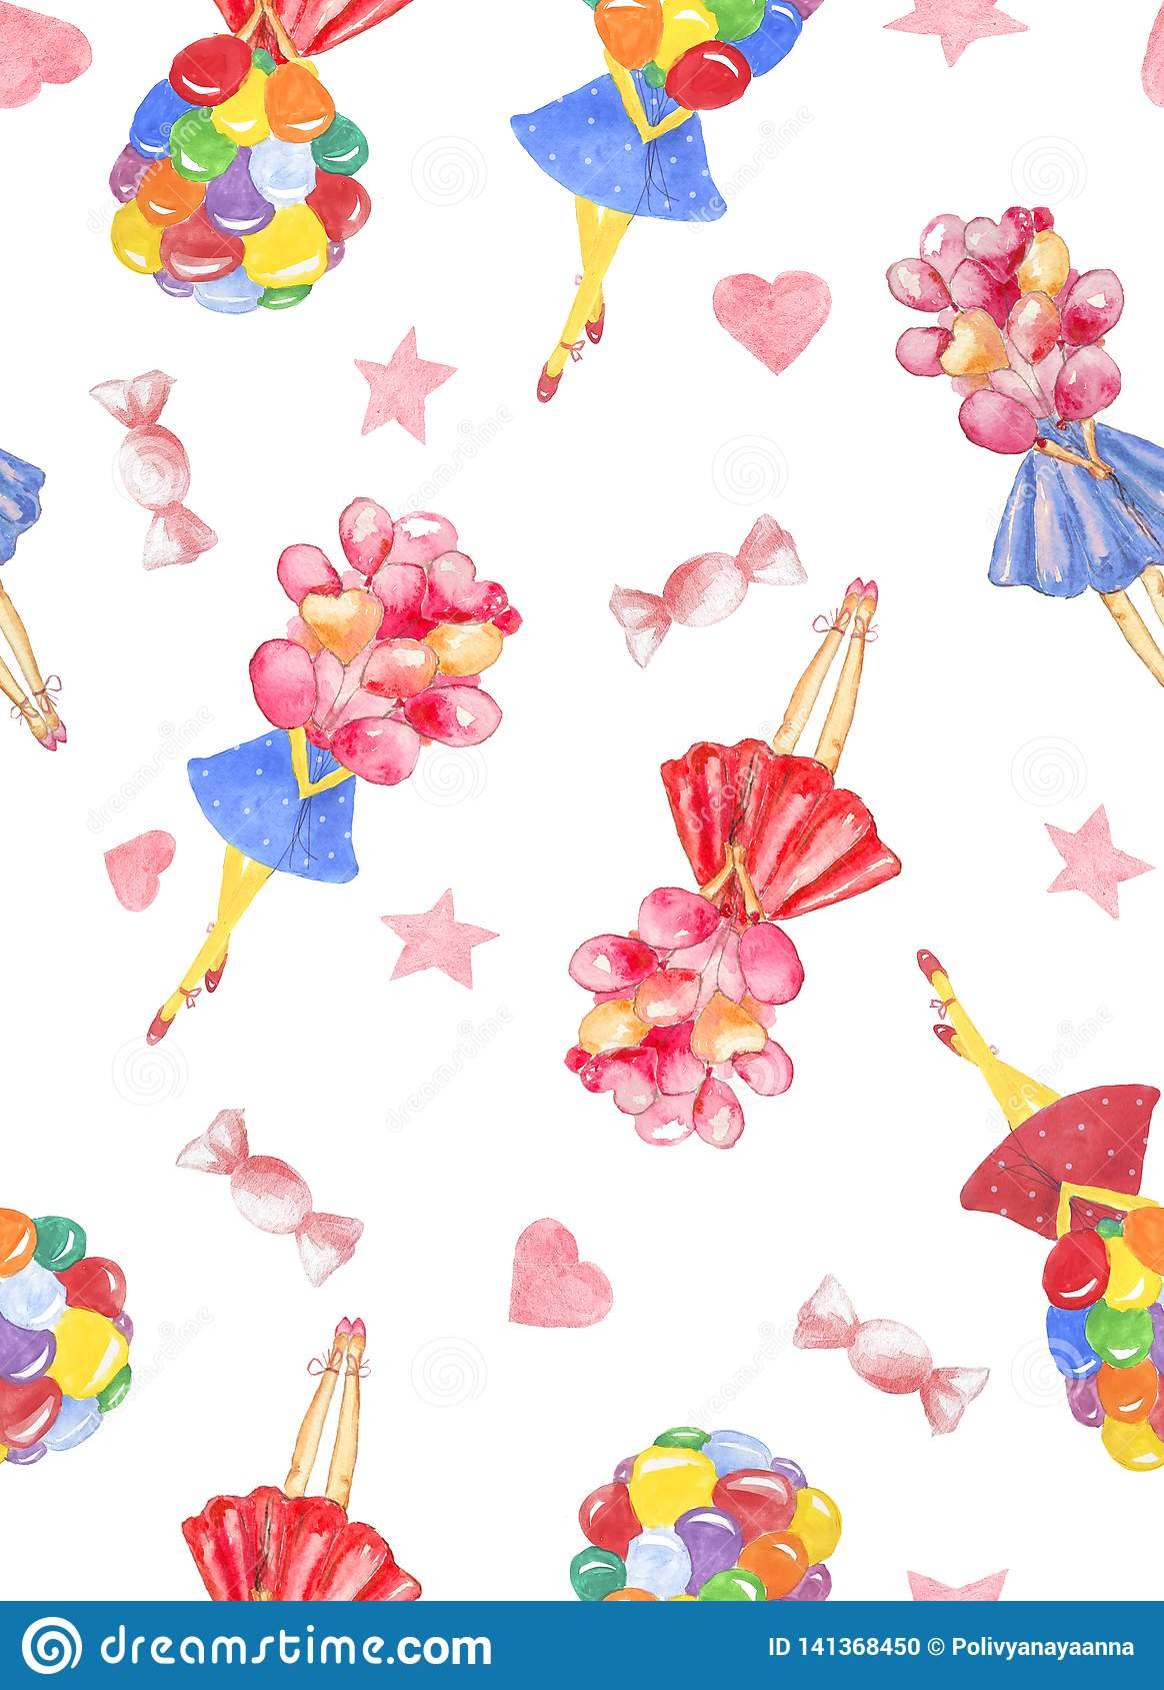 Άνευ ραφής σχέδιο Watercolor με την ανθοδέσμη εκμετάλλευσης κοριτσιών του ζωηρόχρωμου μπαλονιού